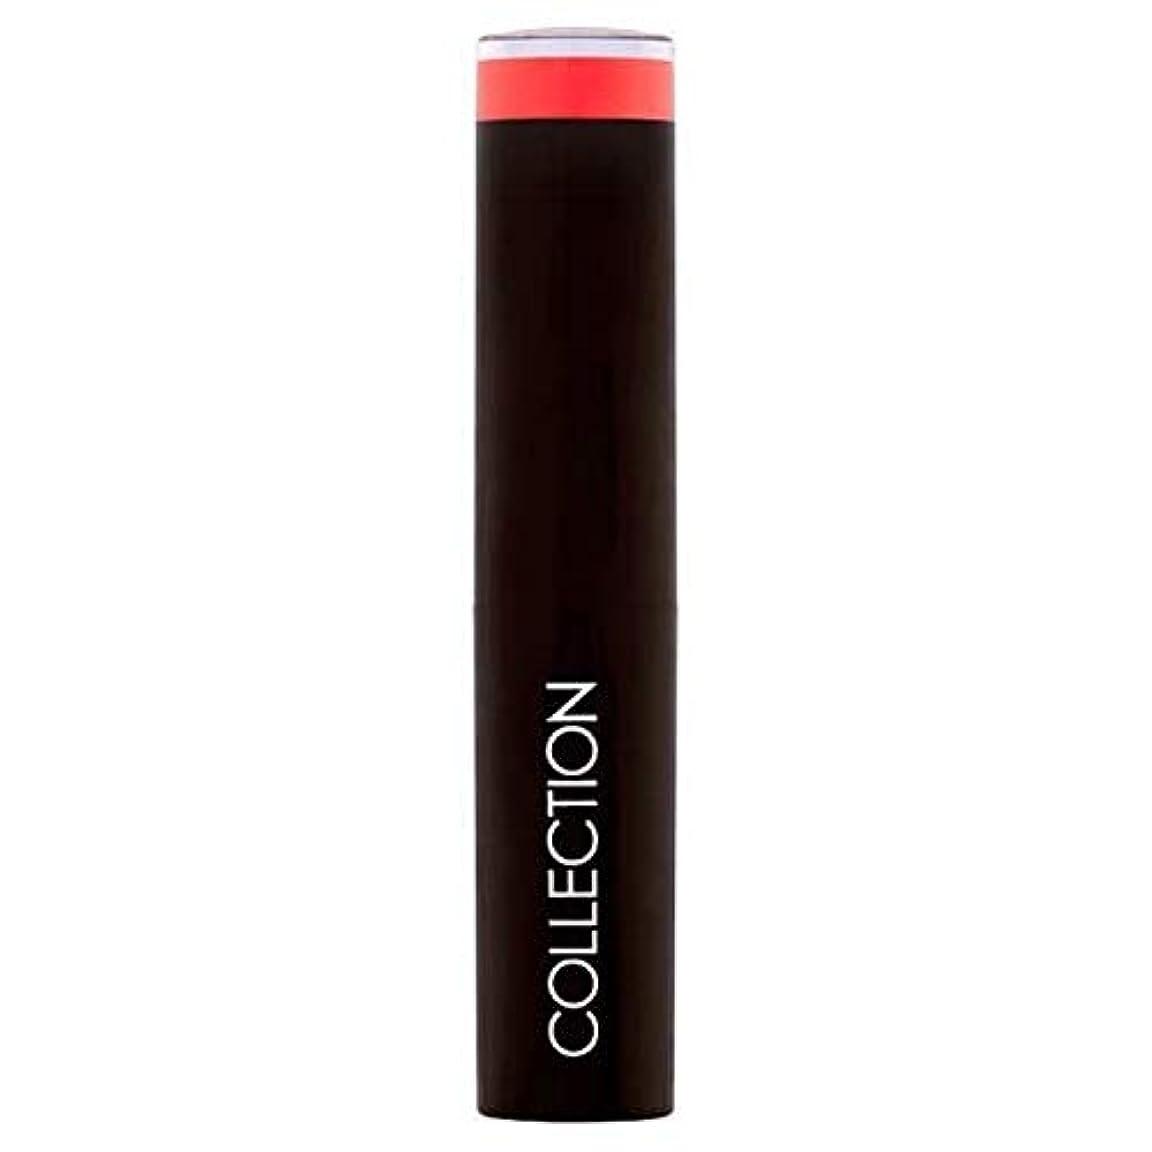 切断する窒素観点[Collection ] コレクション強烈な輝きゲル口紅シチリアグロー6 - Collection Intense Shine Gel Lipstick Sicilian Glow 6 [並行輸入品]